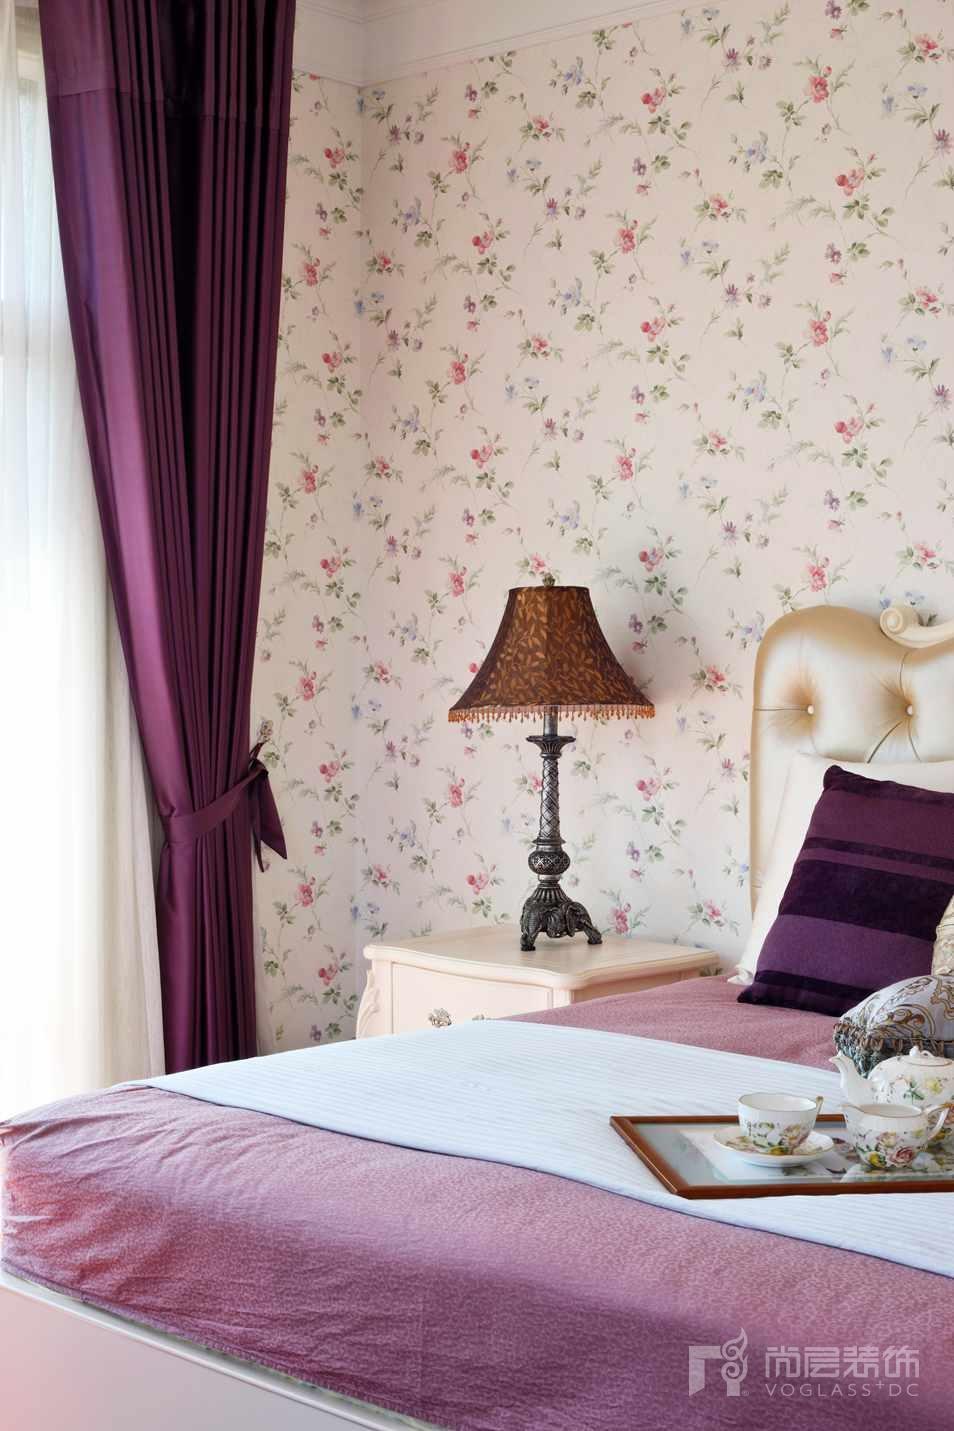 君山高尔夫美式卧室别墅装修实景图